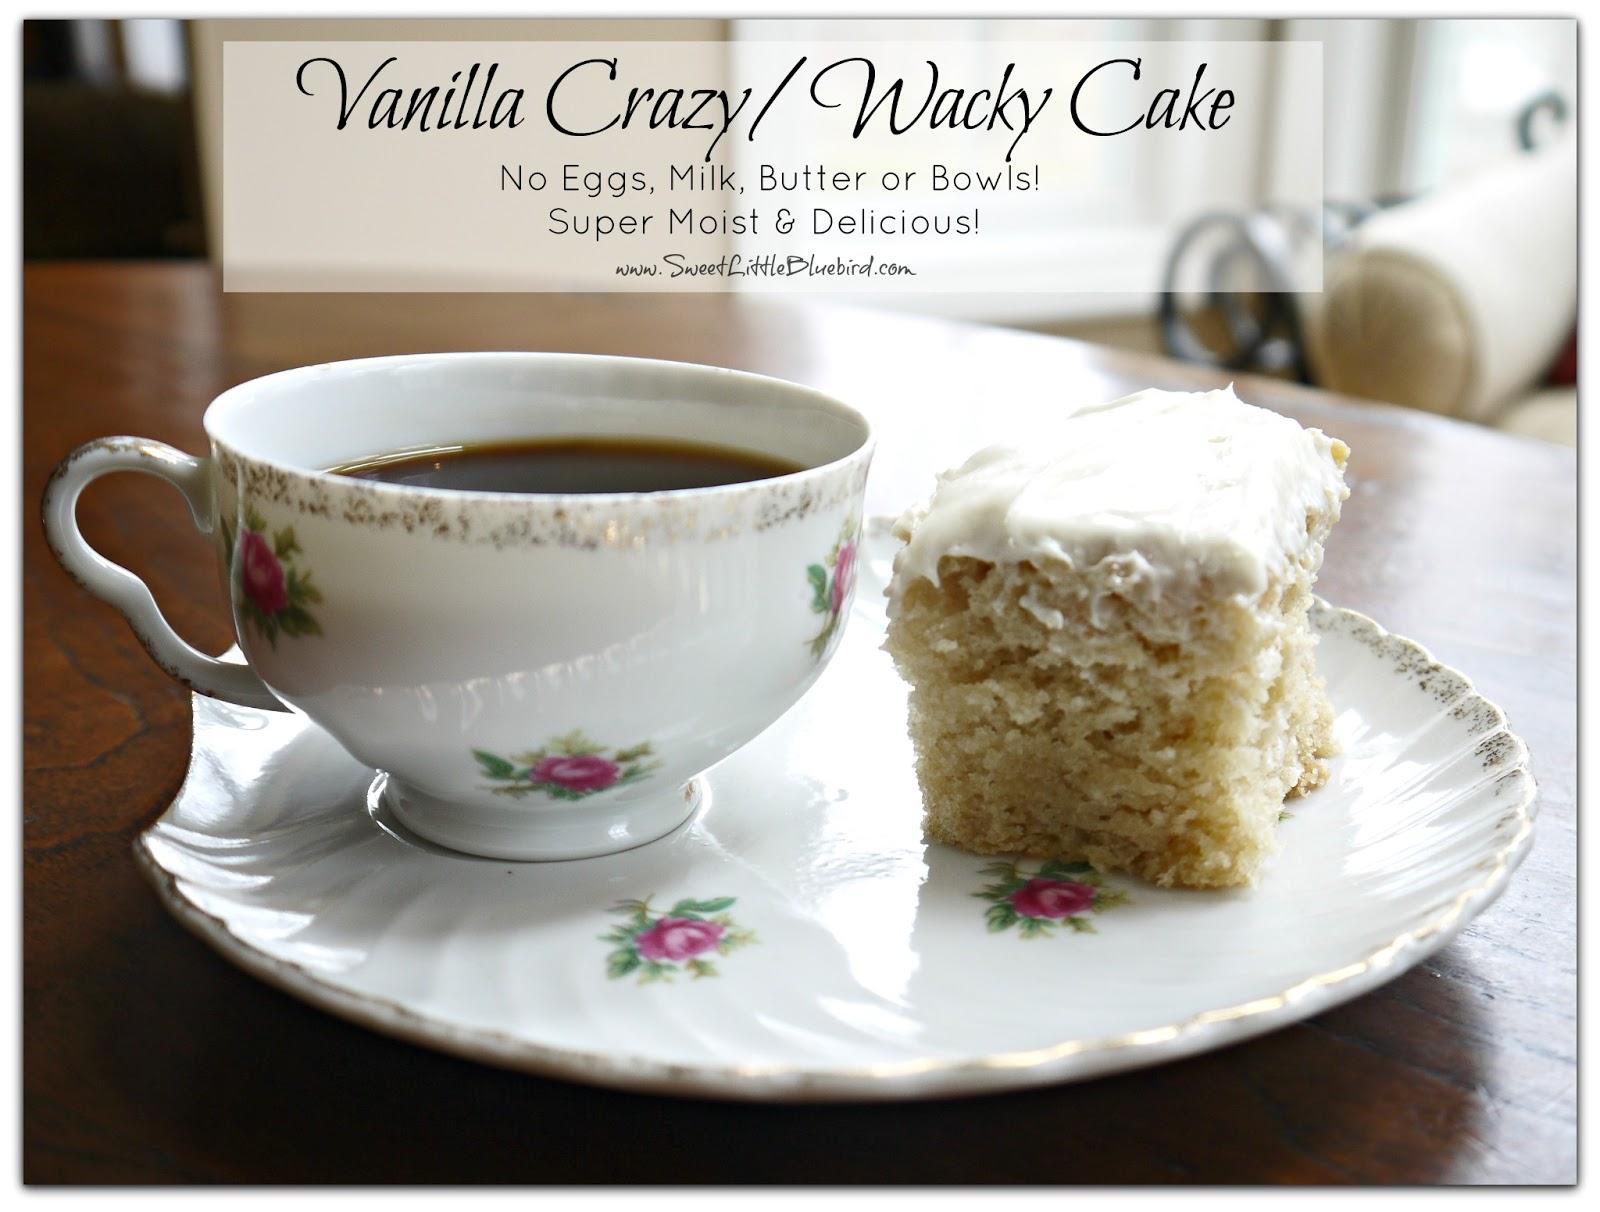 Crazy for Crazy Cake Sweet Little Bluebird